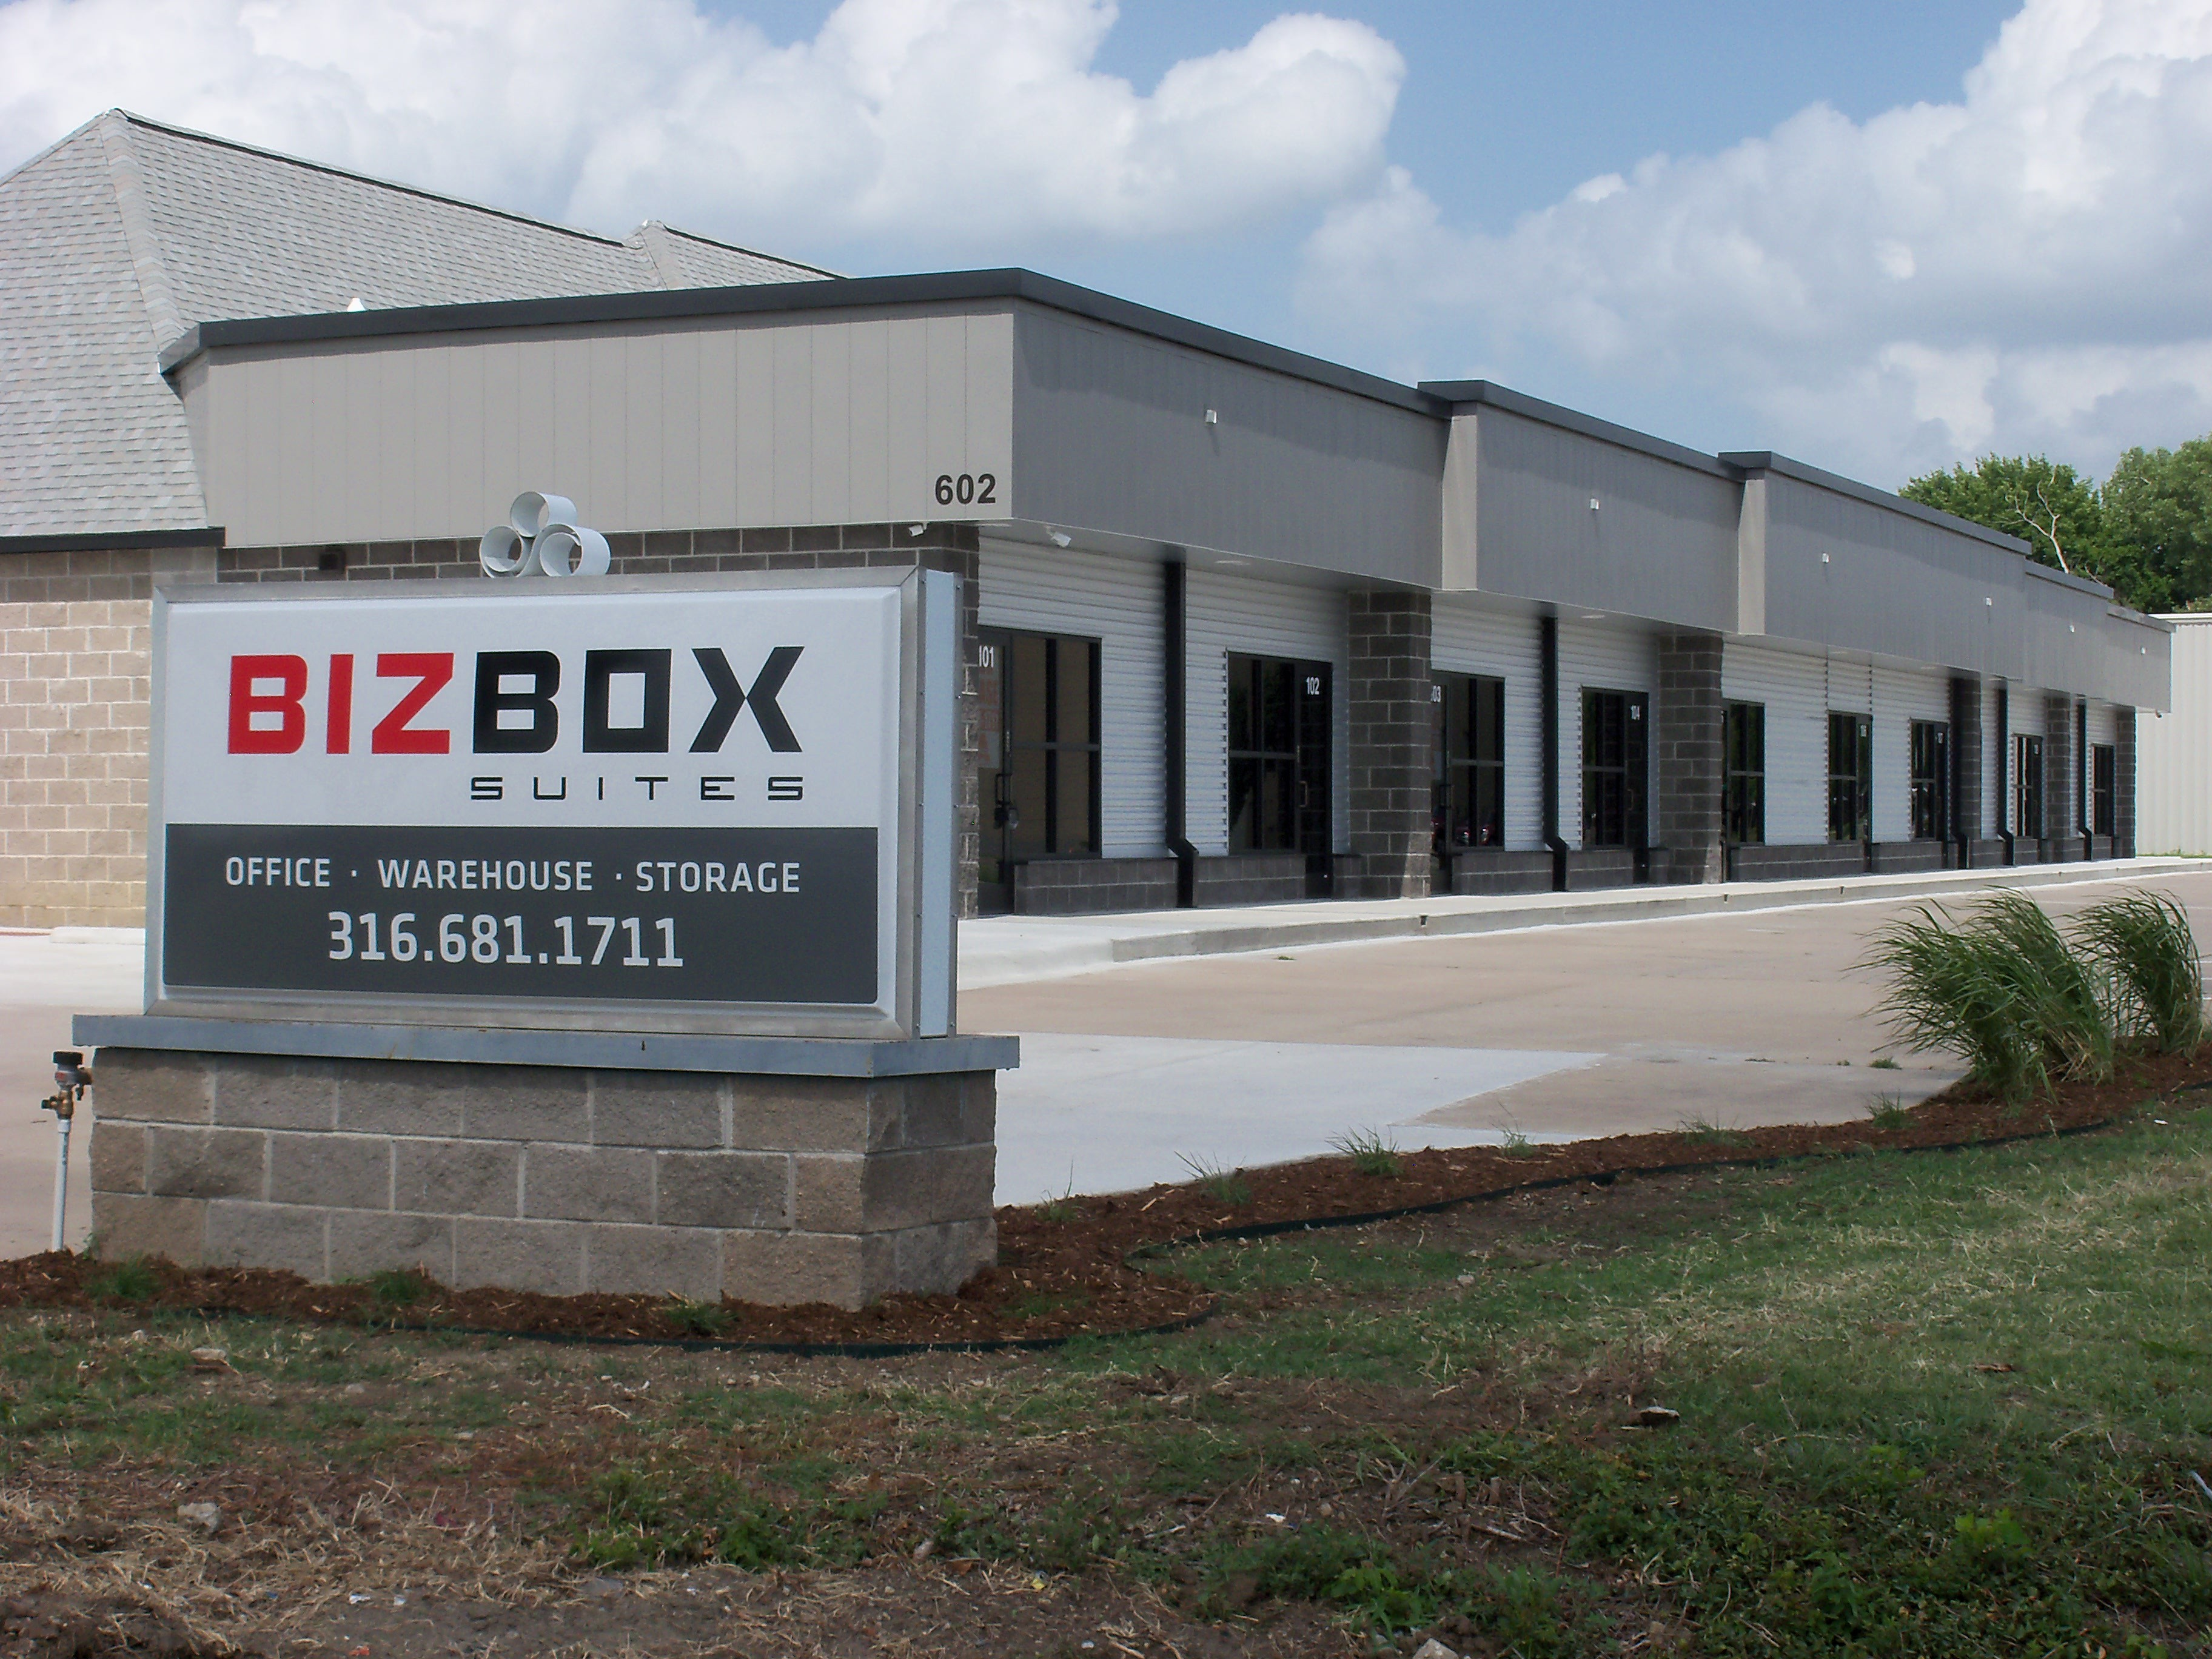 Bizbox wichita ks